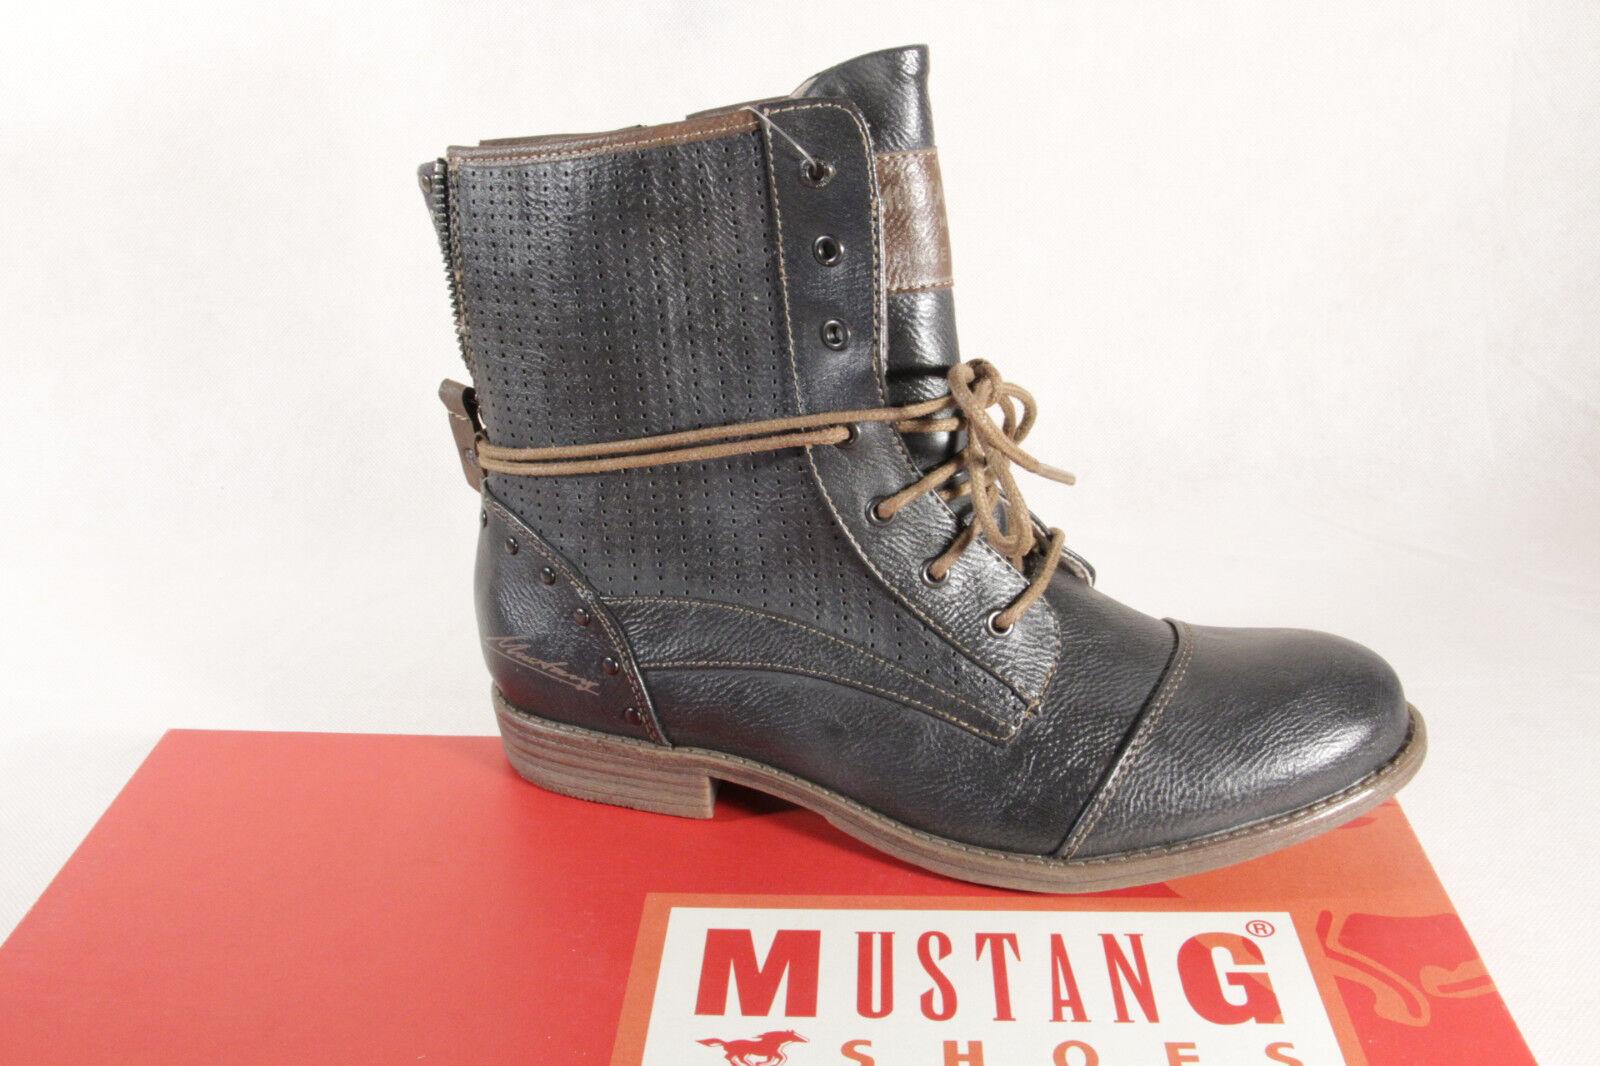 Mustang Botines botas de cordón Botas grafit NUEVO